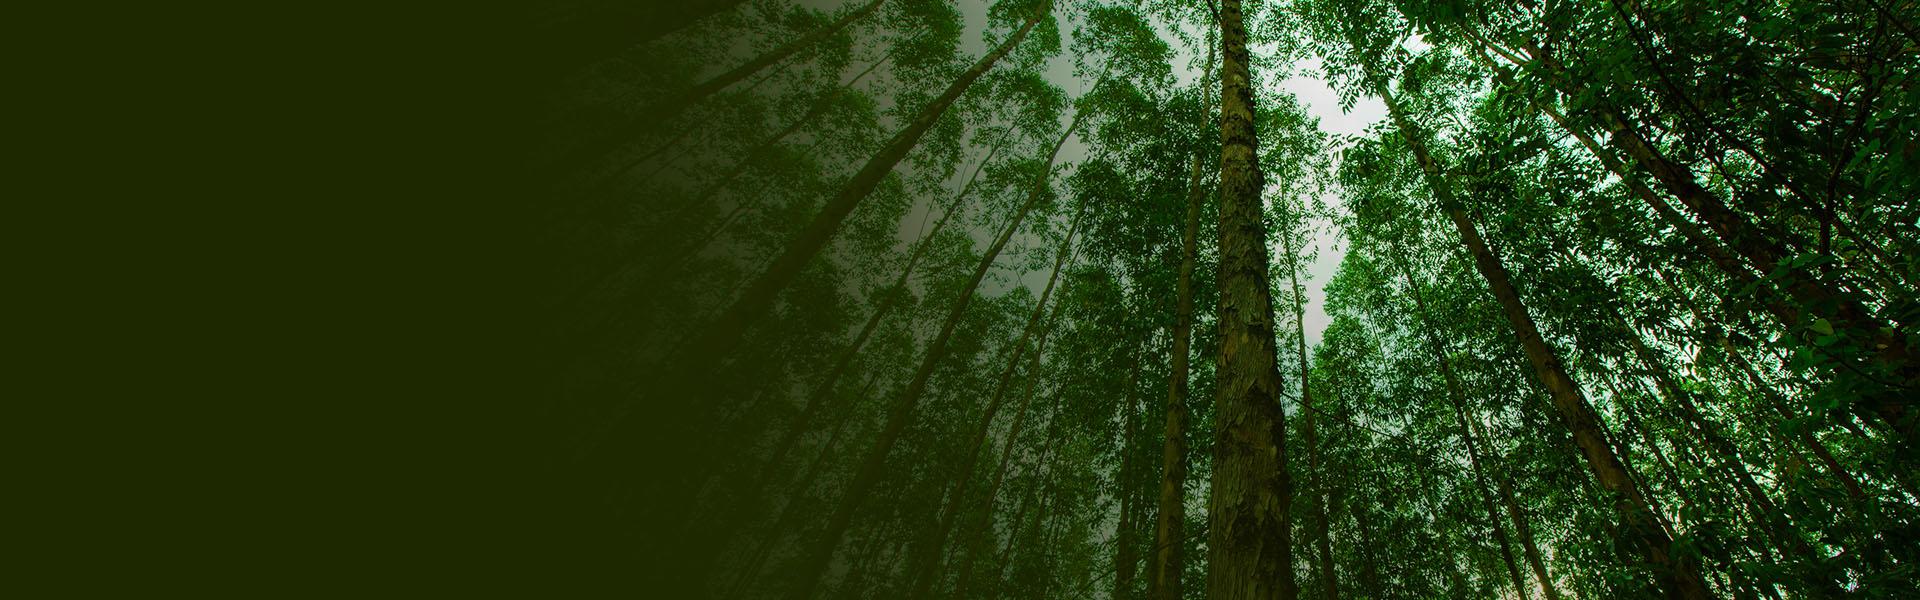 fundo com arvores grandes com folhas verdes